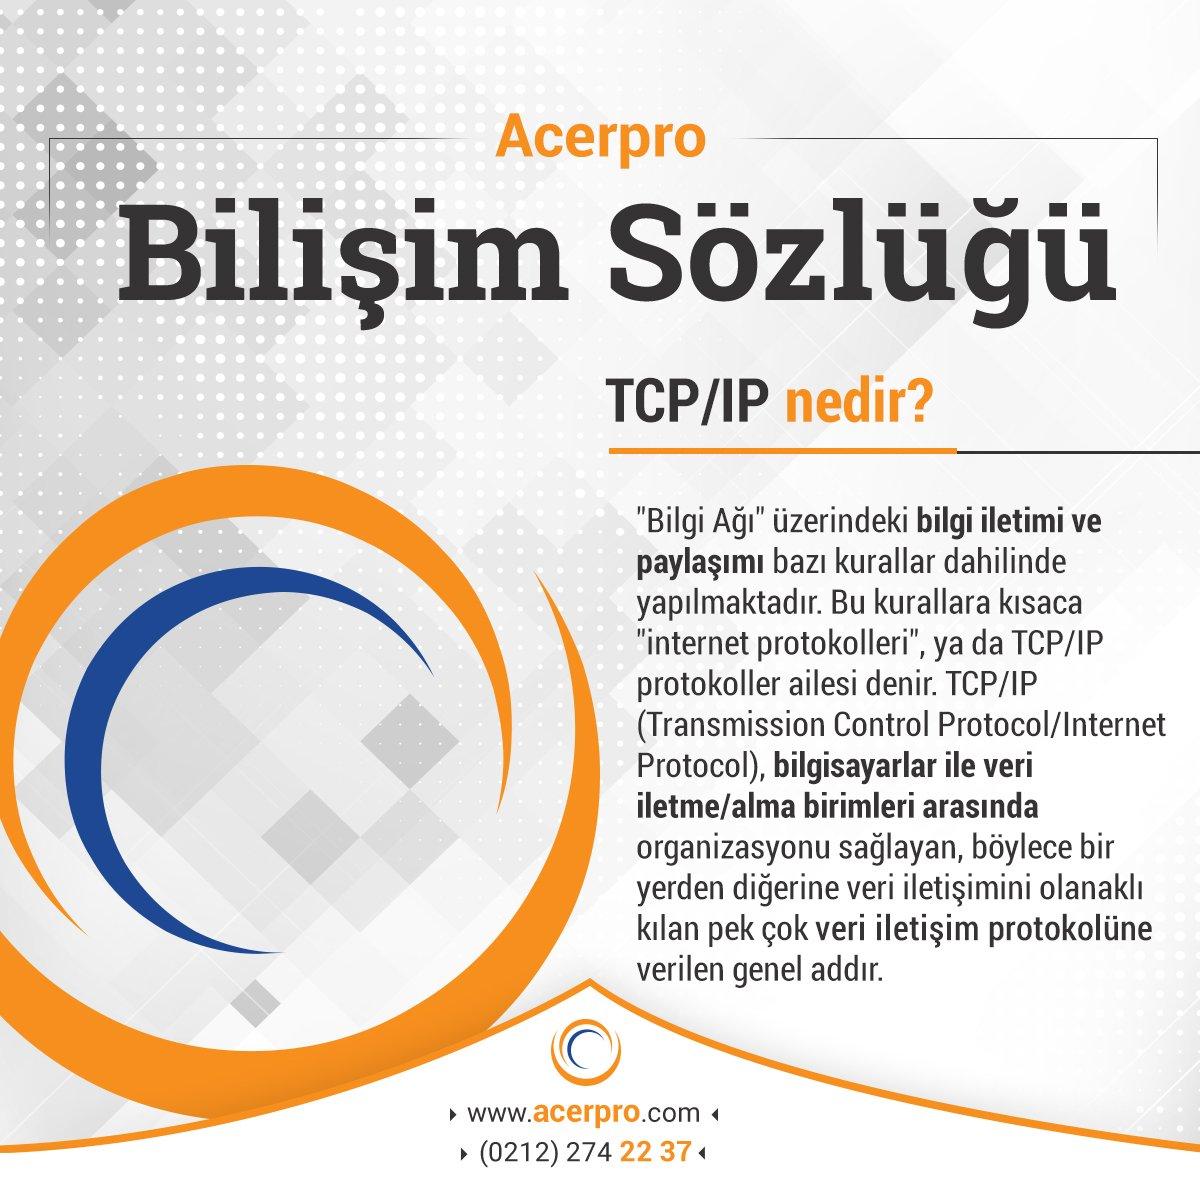 Acerpro On Twitter Bilişimsözlüğü Tcpip Nedir Httpstco